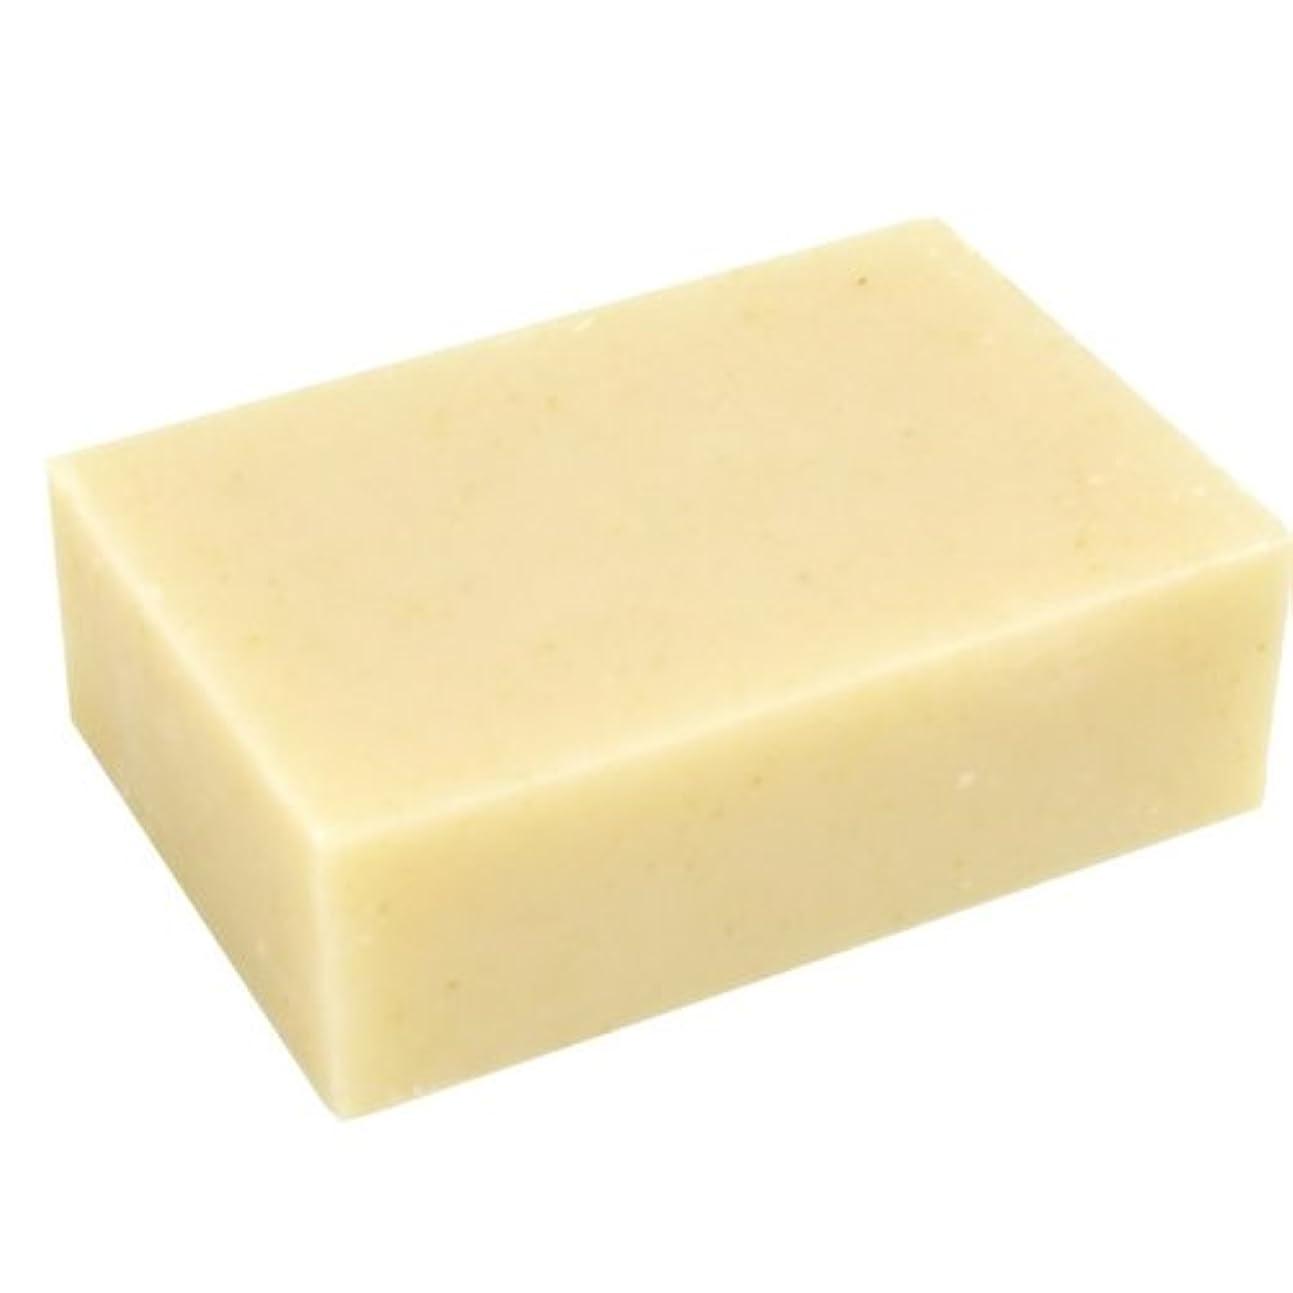 継承凶暴なHAWAIIAN BATH & BODY SOAP ゼラニウム